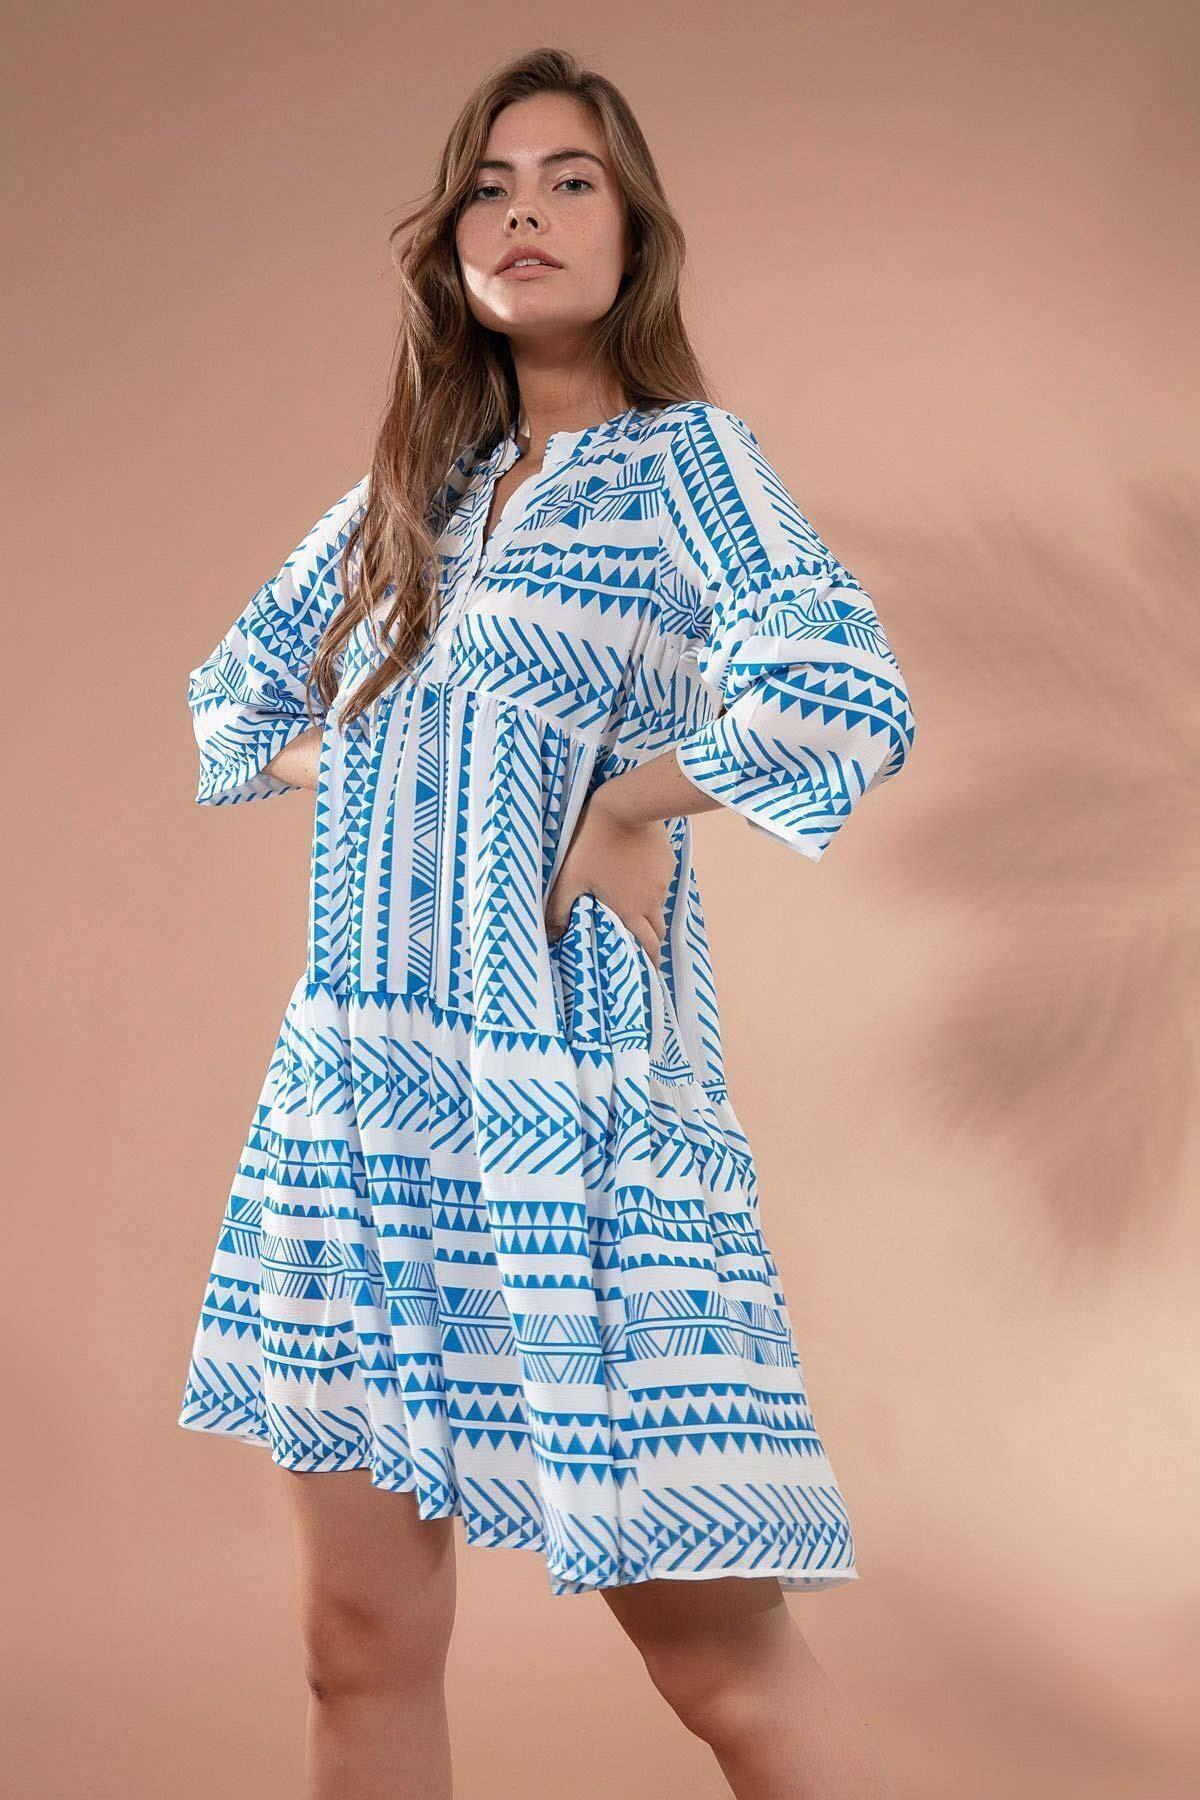 Pattaya Kadın Etnik Desenli Hakim Yaka Mini Elbise Y20s110-1975 2